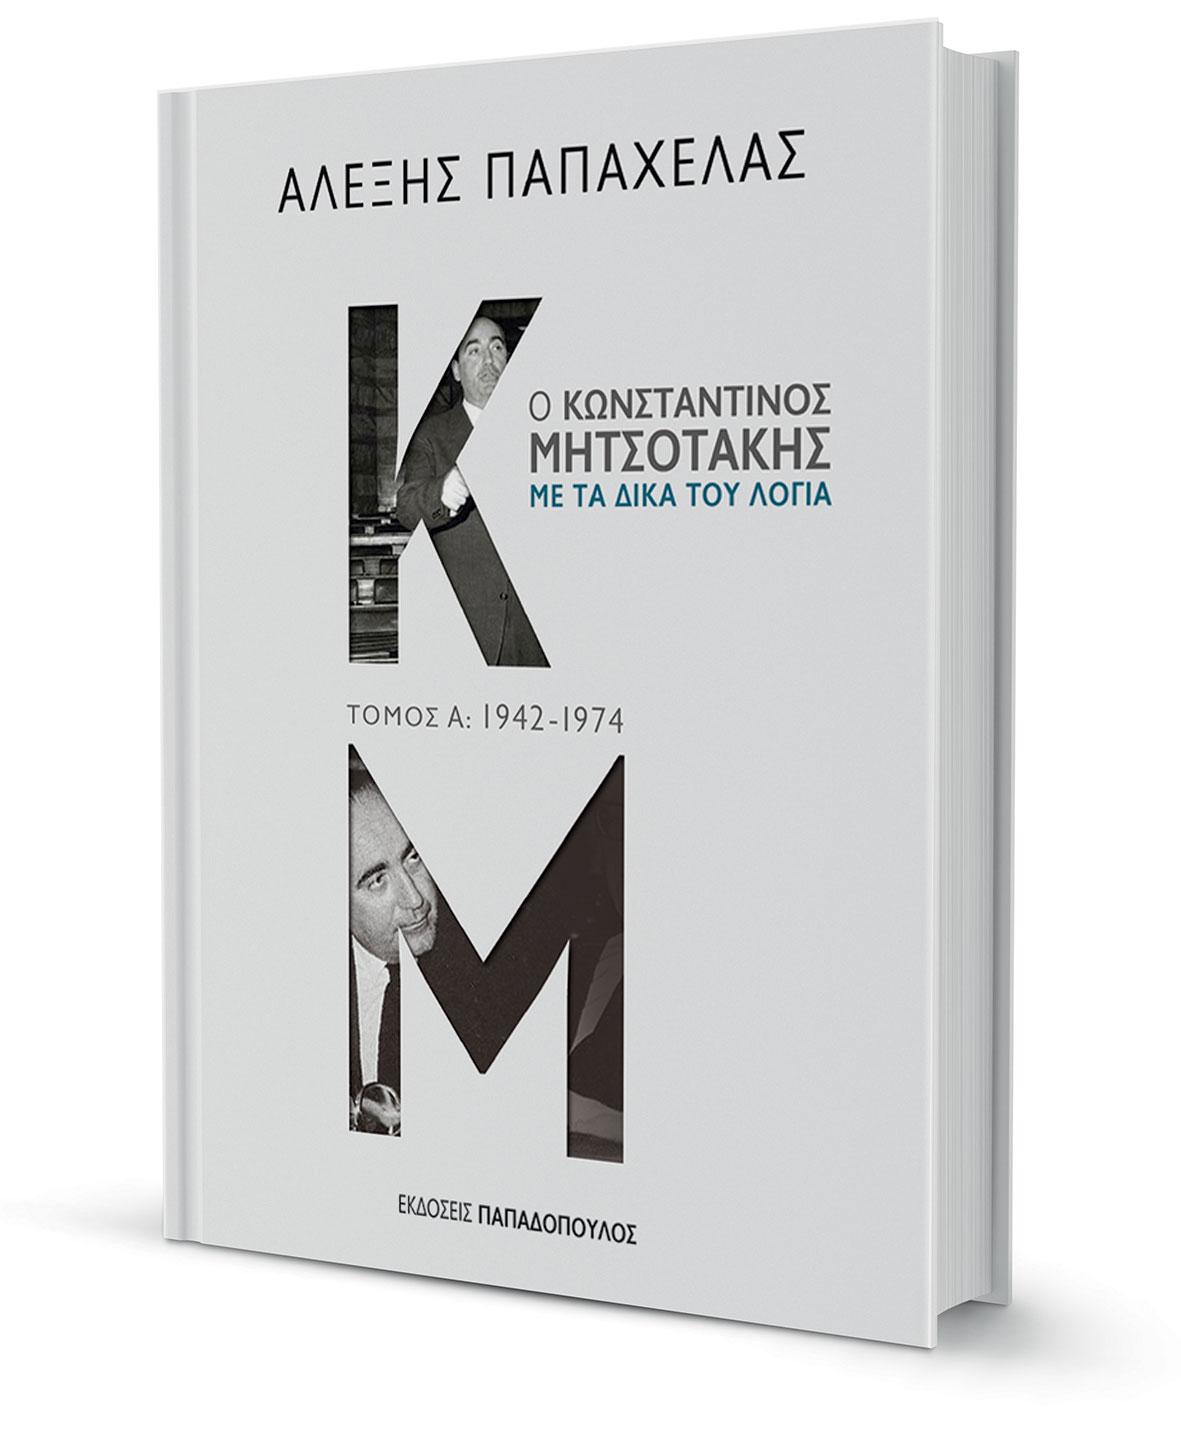 konstantinos-mitsotakis-afigiseis-mias-zois-stin-politiki1